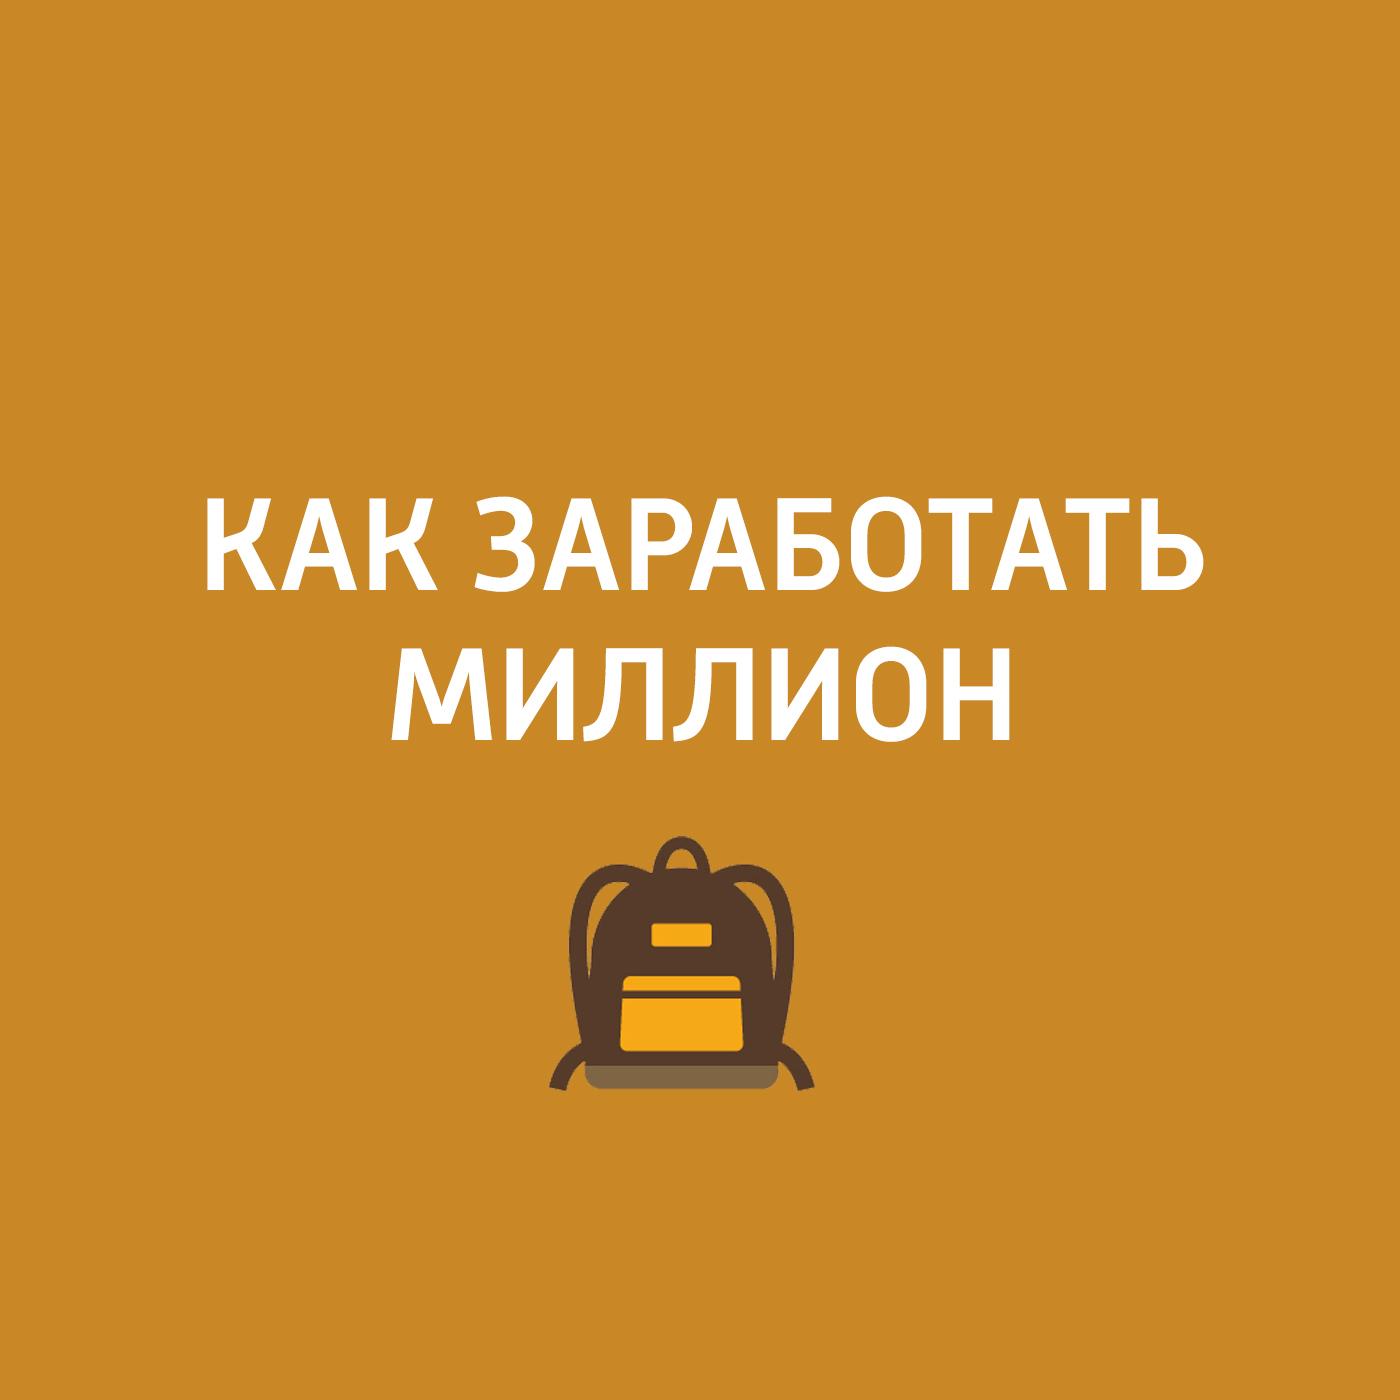 Творческий коллектив шоу «Сергей Стиллавин и его друзья» АртНаука - научные шоу для взрослых science education